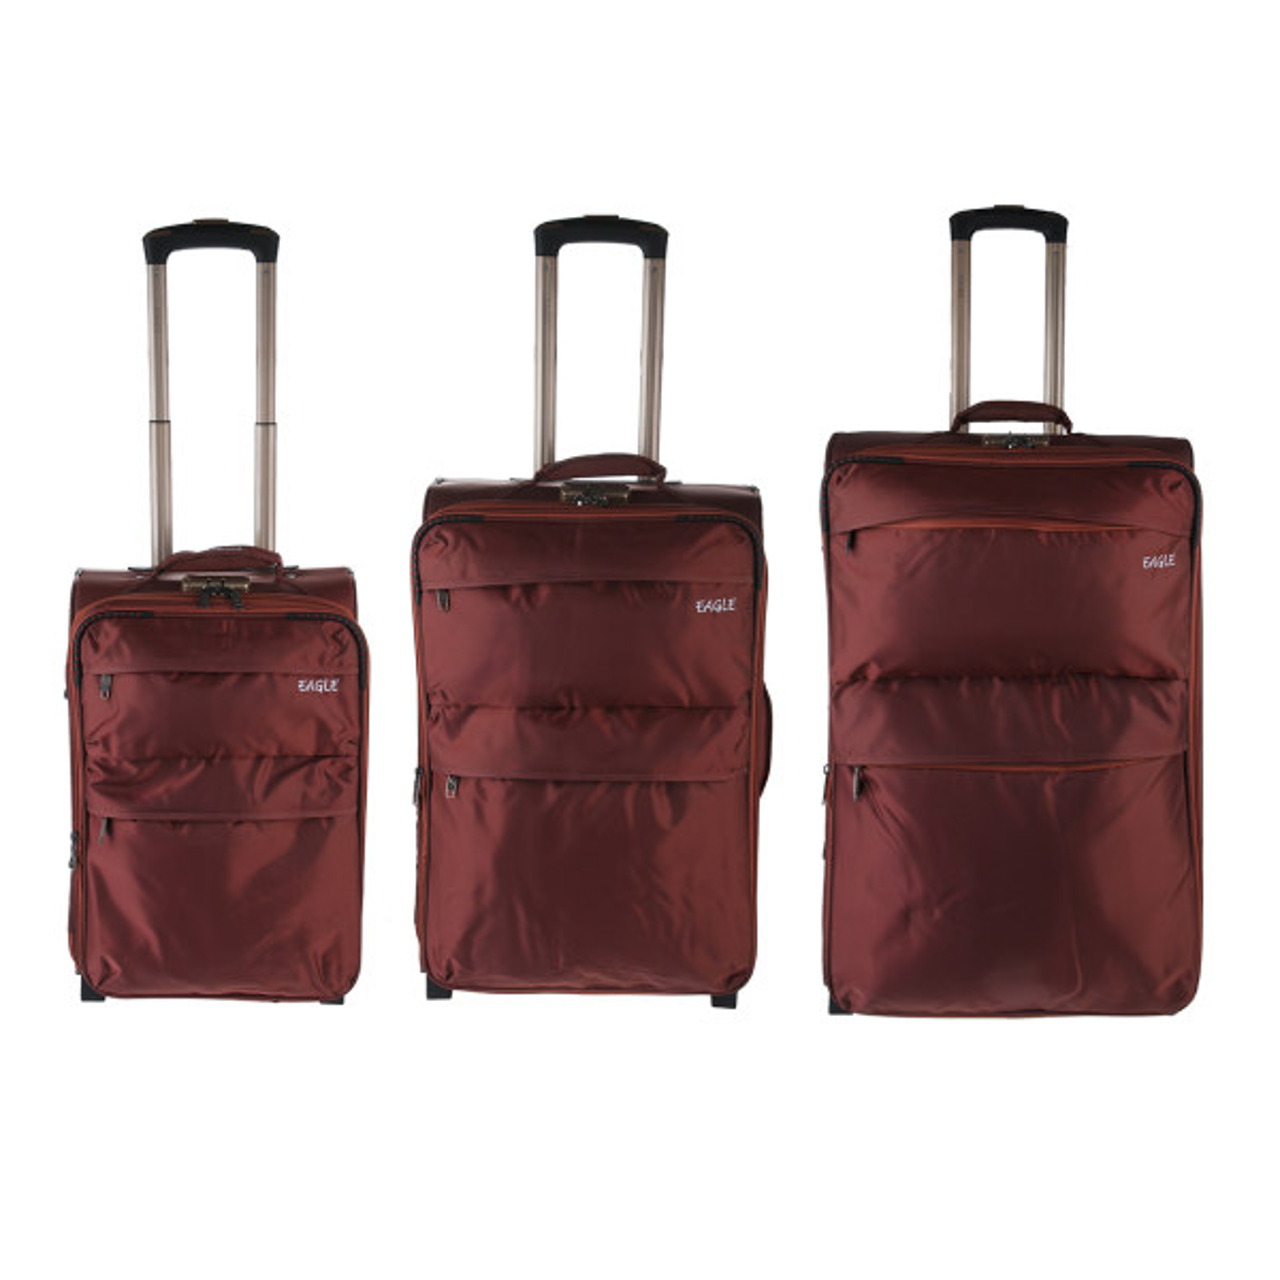 مجموعه سه عددی چمدان ایگل مدل 01